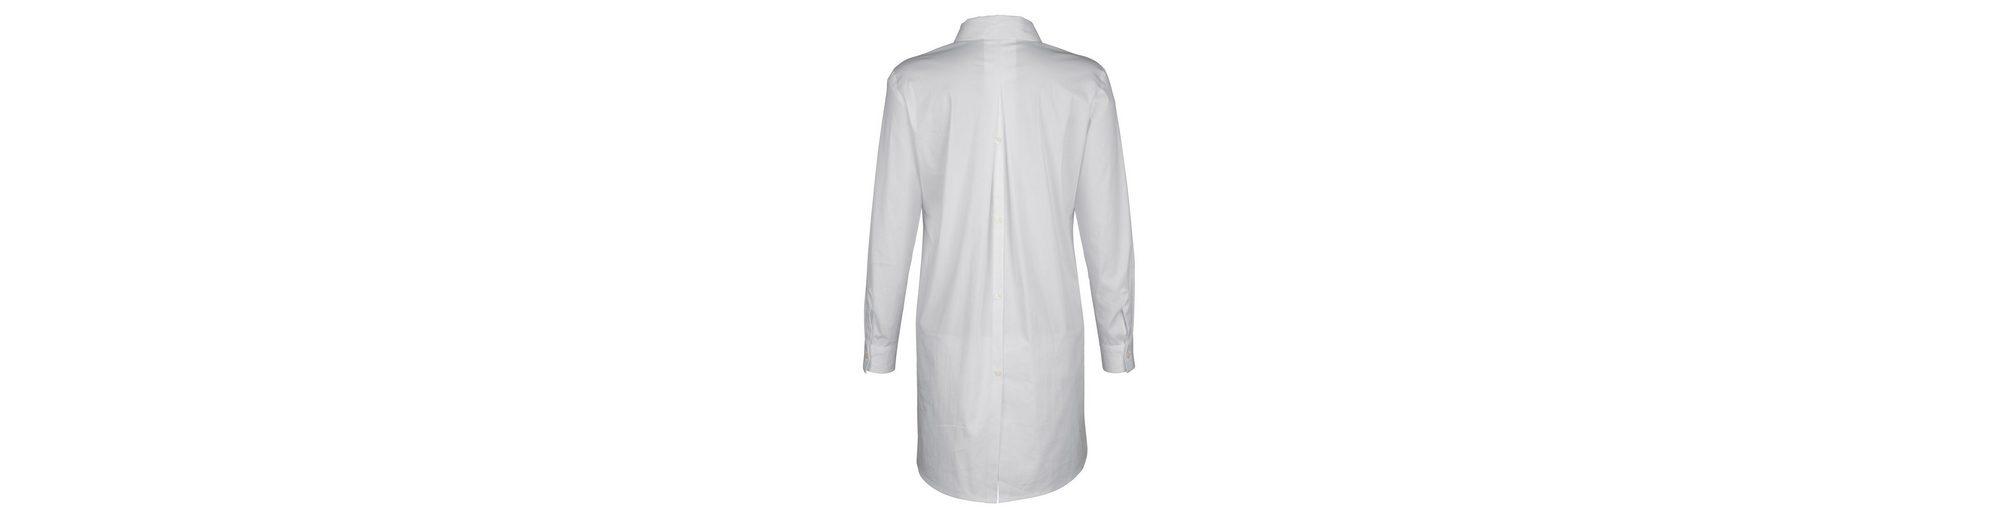 Alba Moda Longbluse in bügelleichter Stretch-Qualität Spielraum Bester Verkauf Verkauf Großer Diskont wyIUDP1izX